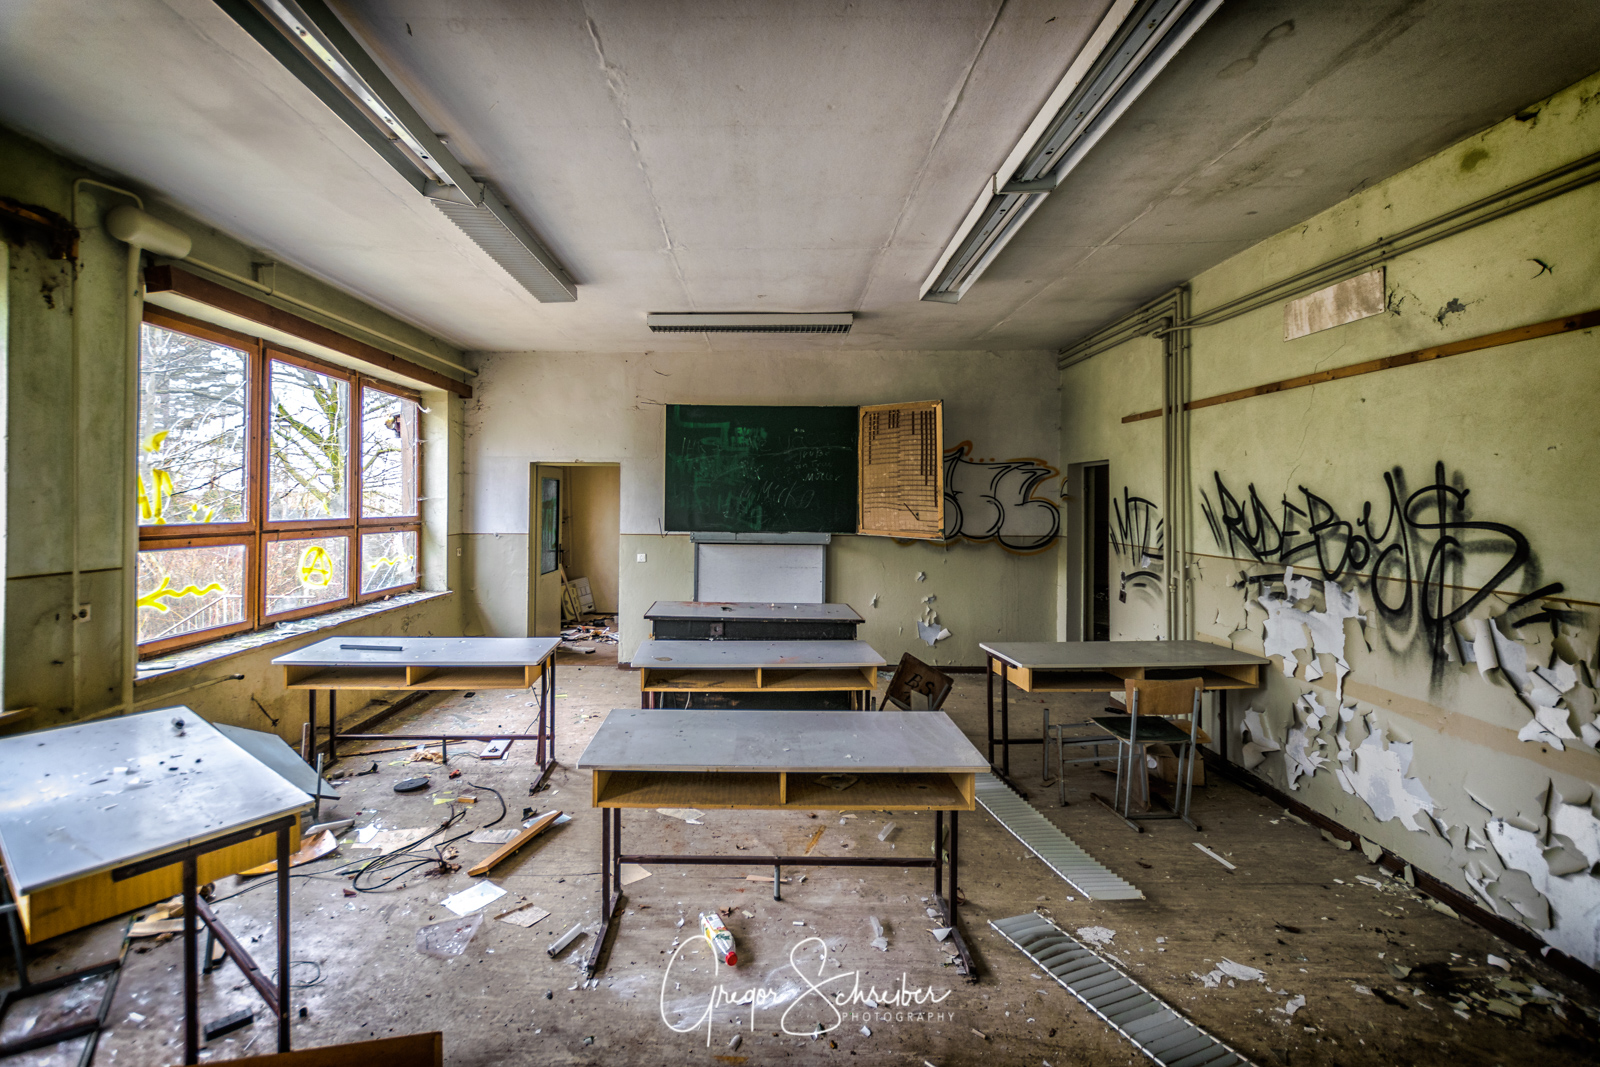 Jugendwerkhof